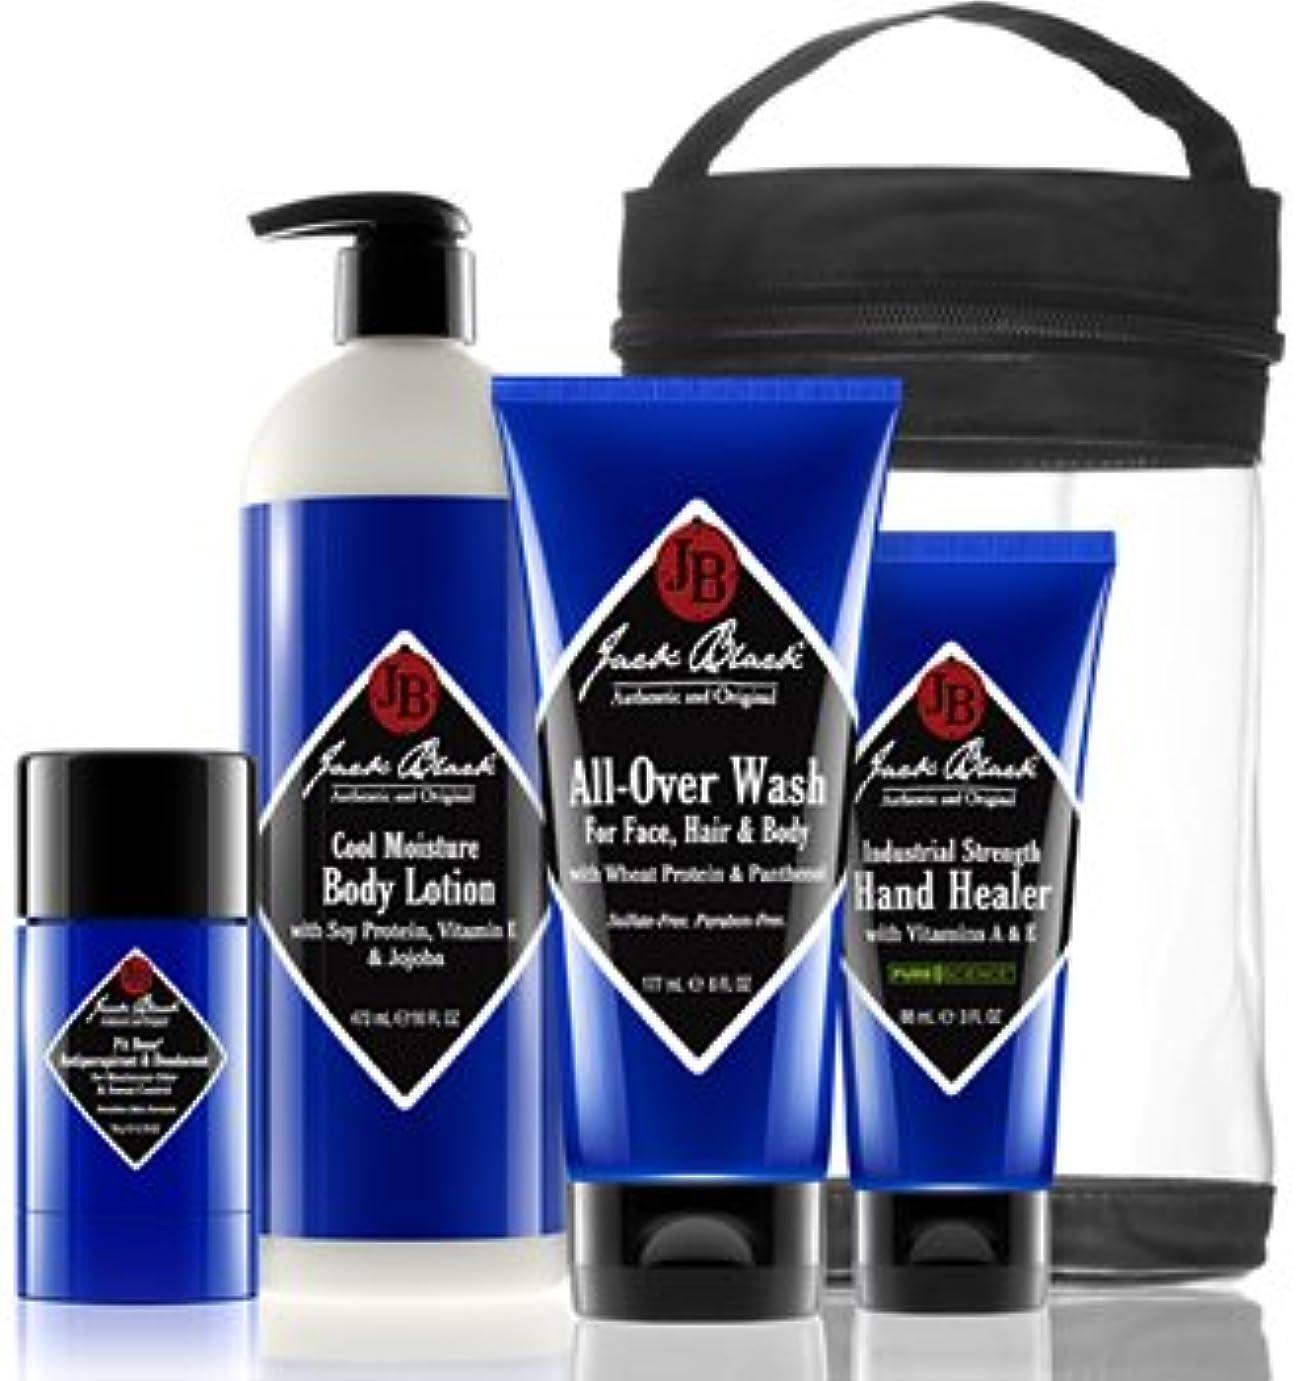 照らすなんでも失業者Jack Black Clean & Cool Body Basics (ジャック ブラック クリーン&クールベイシックス)